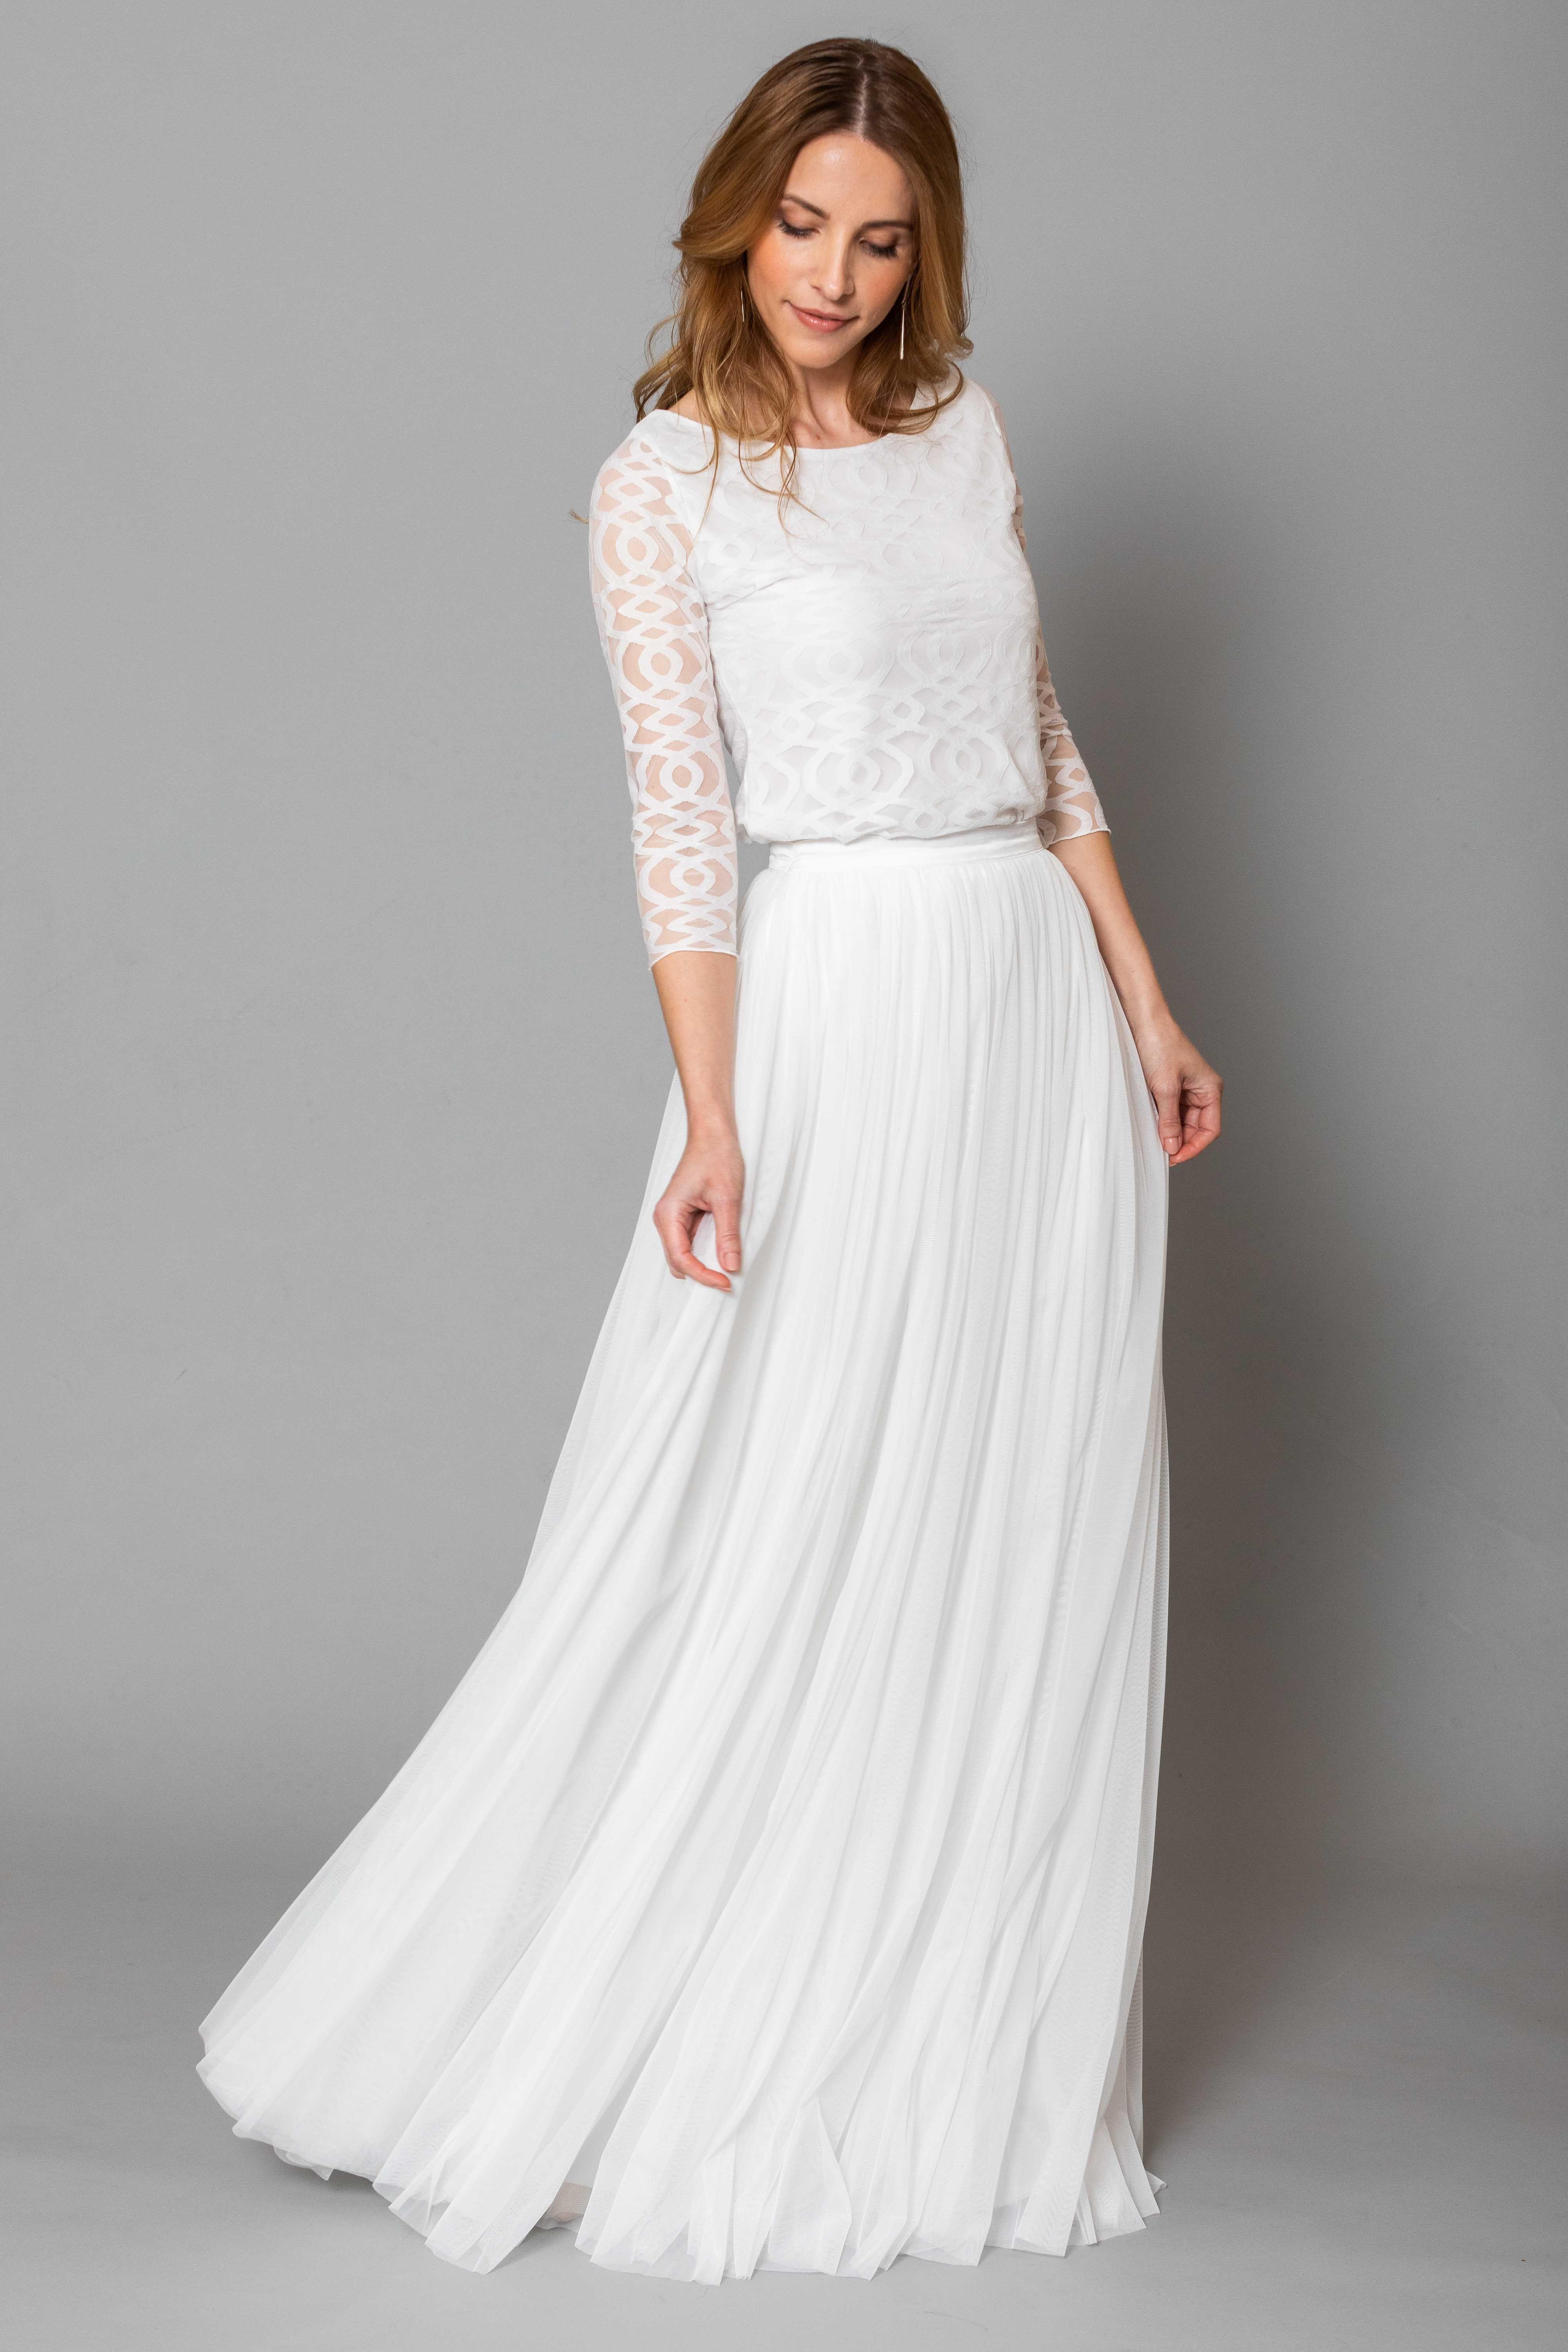 Constant Love Kollektion Moderne Braut andcompliments.com #zivilhochzeitskleider